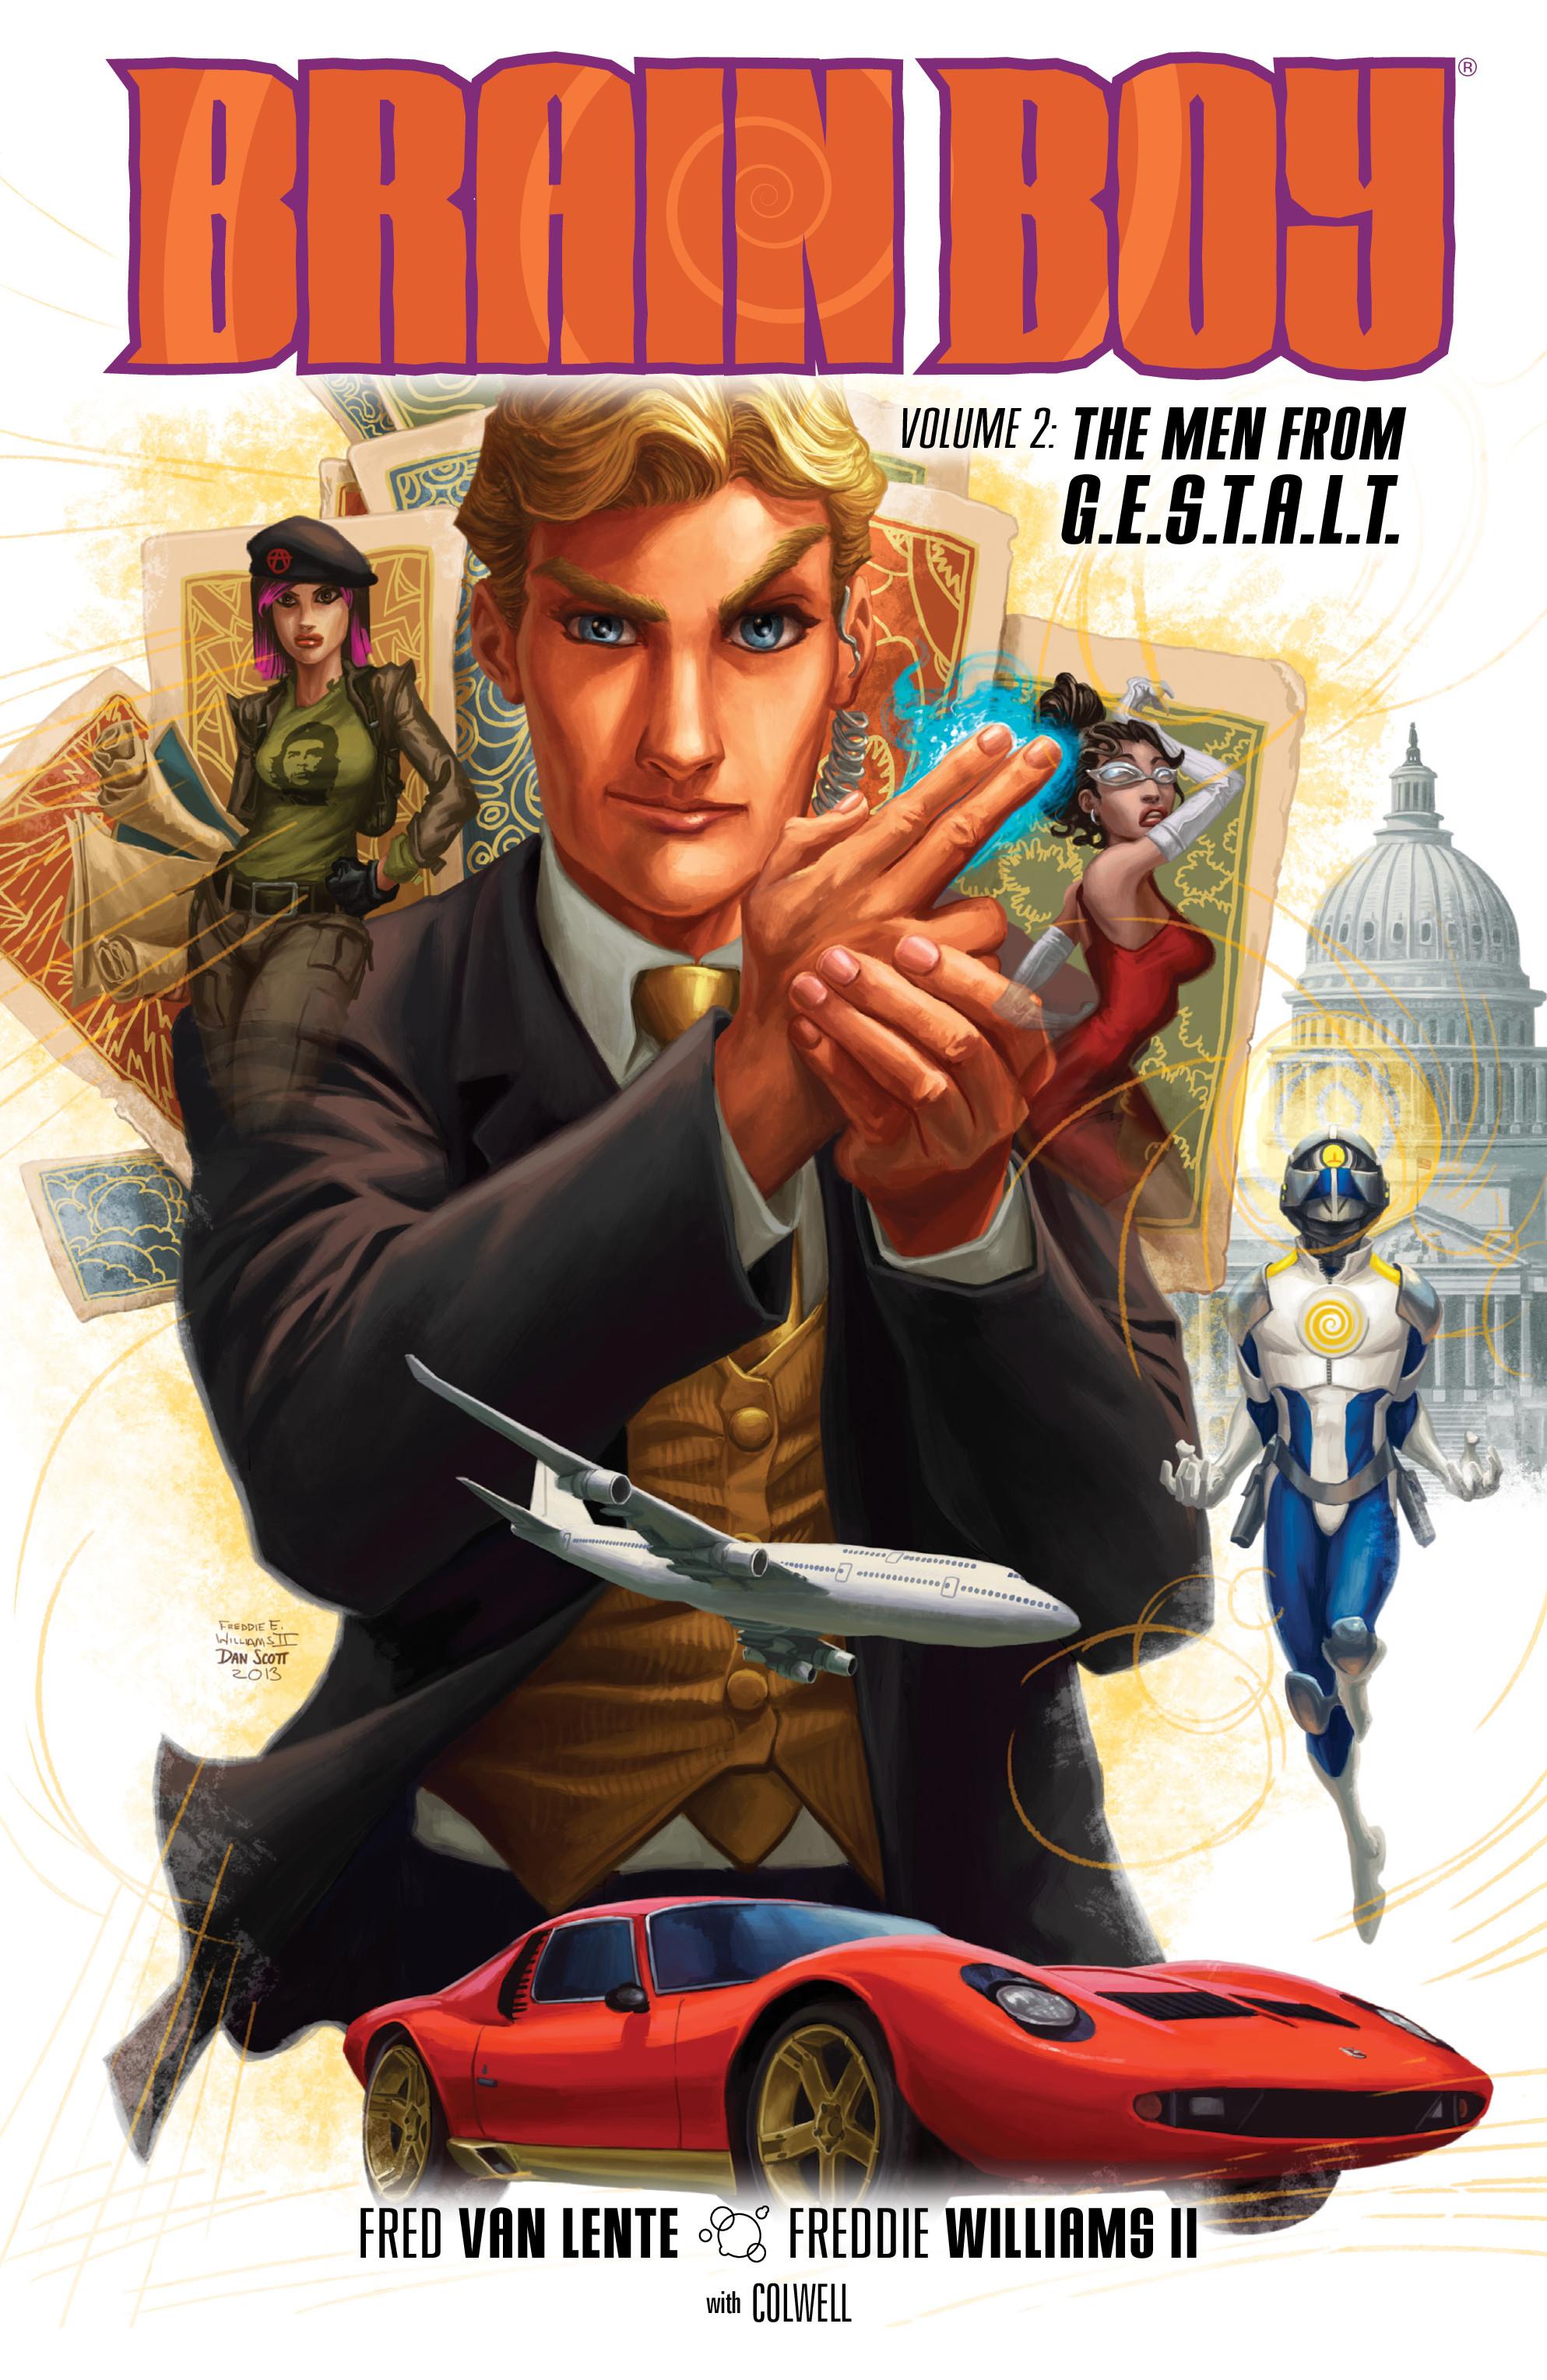 Read online Brain Boy:  The Men from G.E.S.T.A.L.T. comic -  Issue # TPB - 1